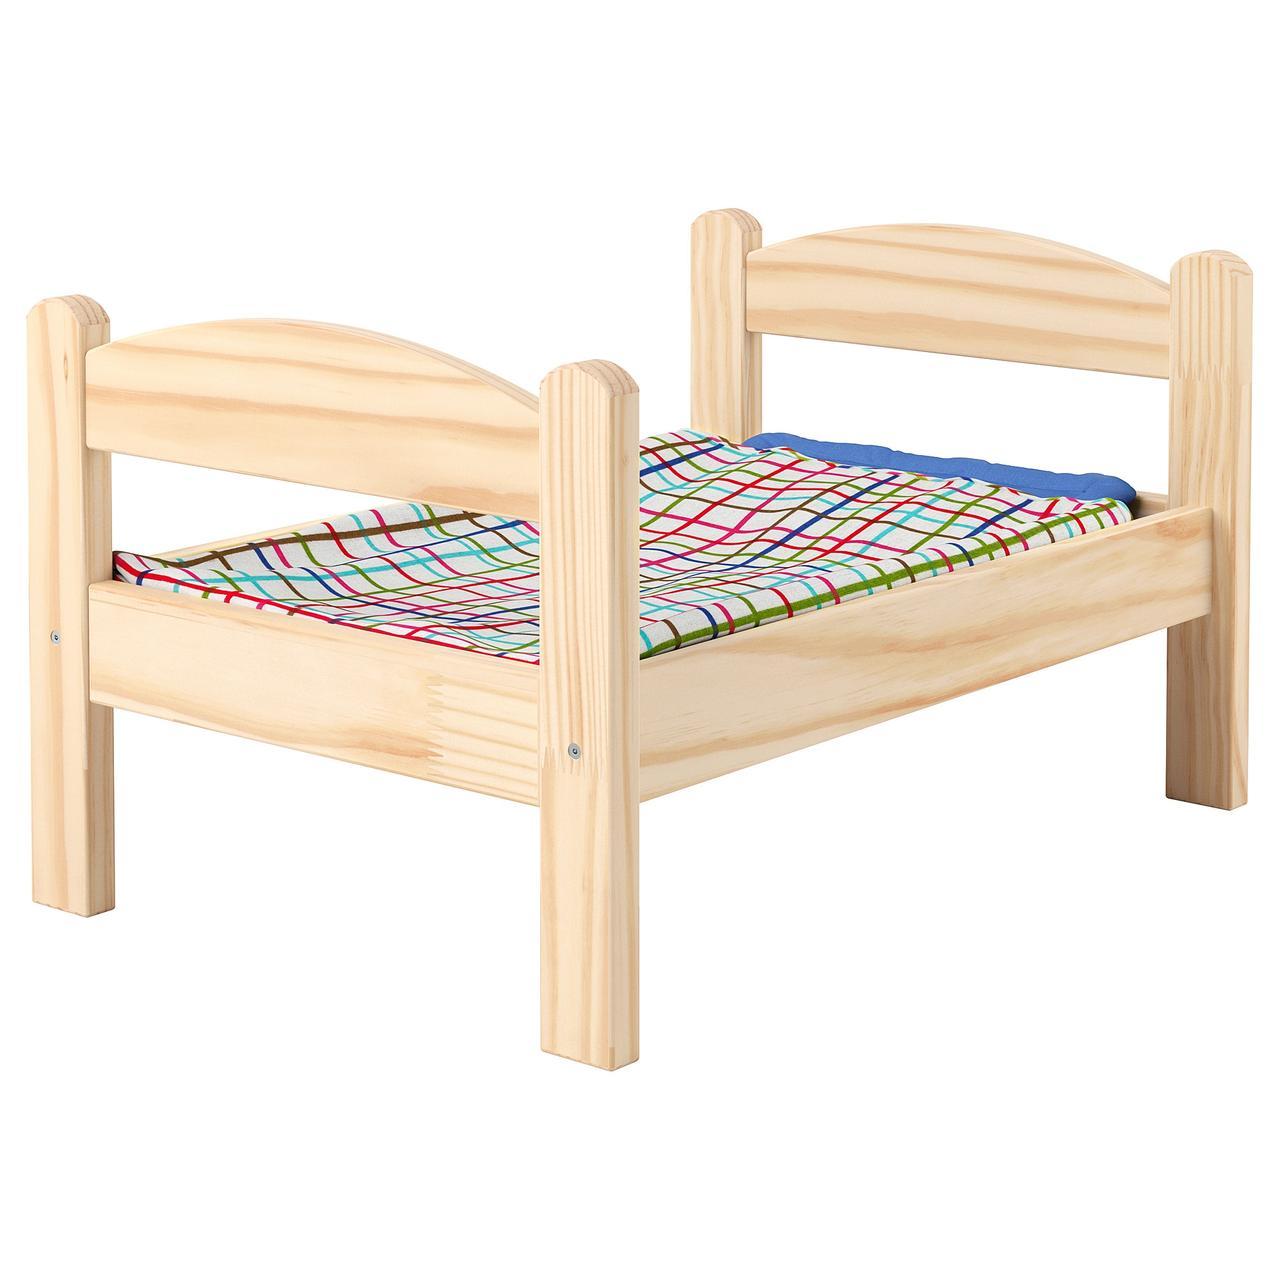 ДУКТИГ Куколн кровать с компл пост белья, сосна, разноцветный